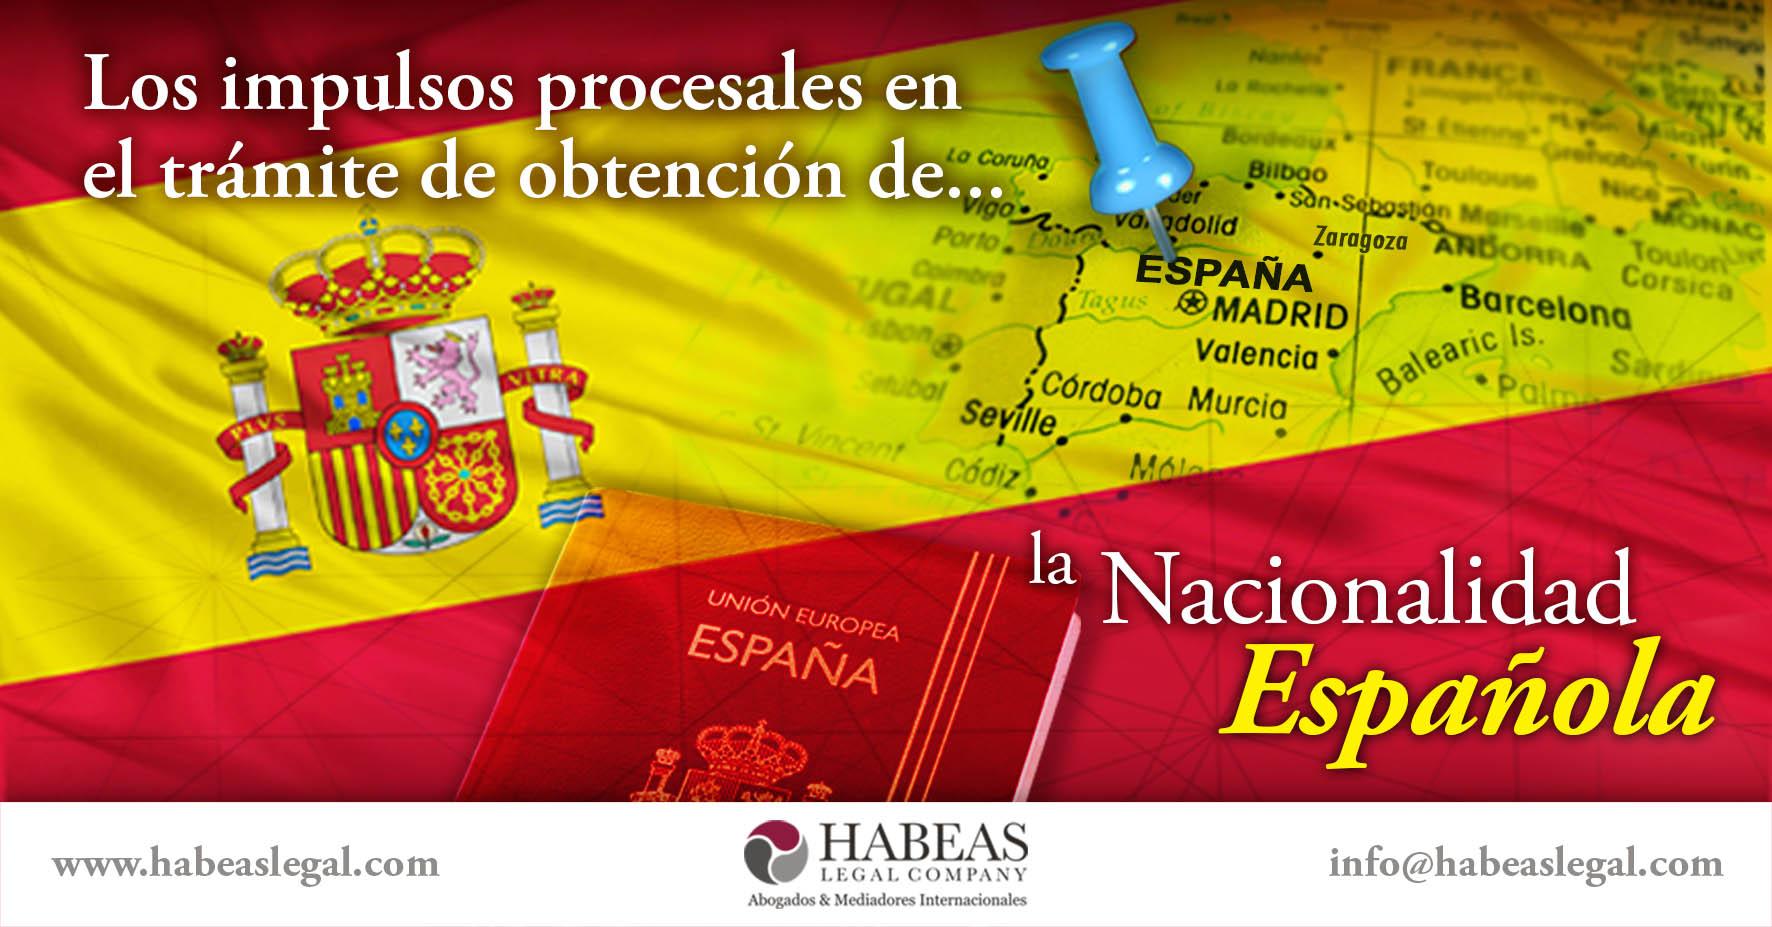 Nacionalidad española impulsos procesales Habeas Legal - ¿Qué hacer cuando no te responden a tu solicitud de Nacionalidad Española?